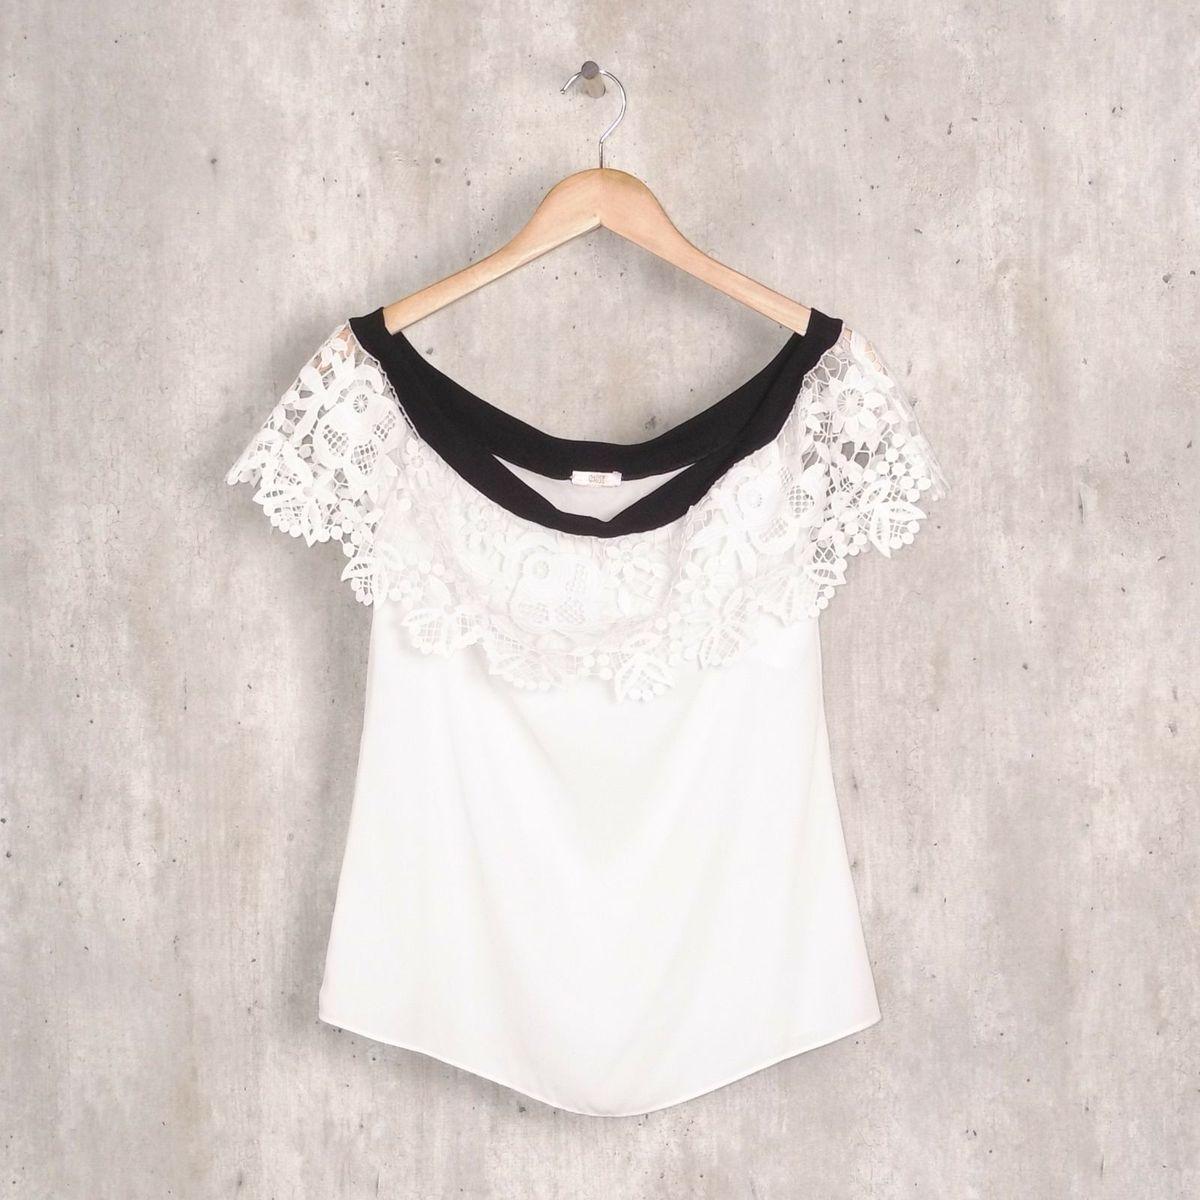 a7a4b2874a blusa branca ombro a ombro detalhe em renda - blusas muse